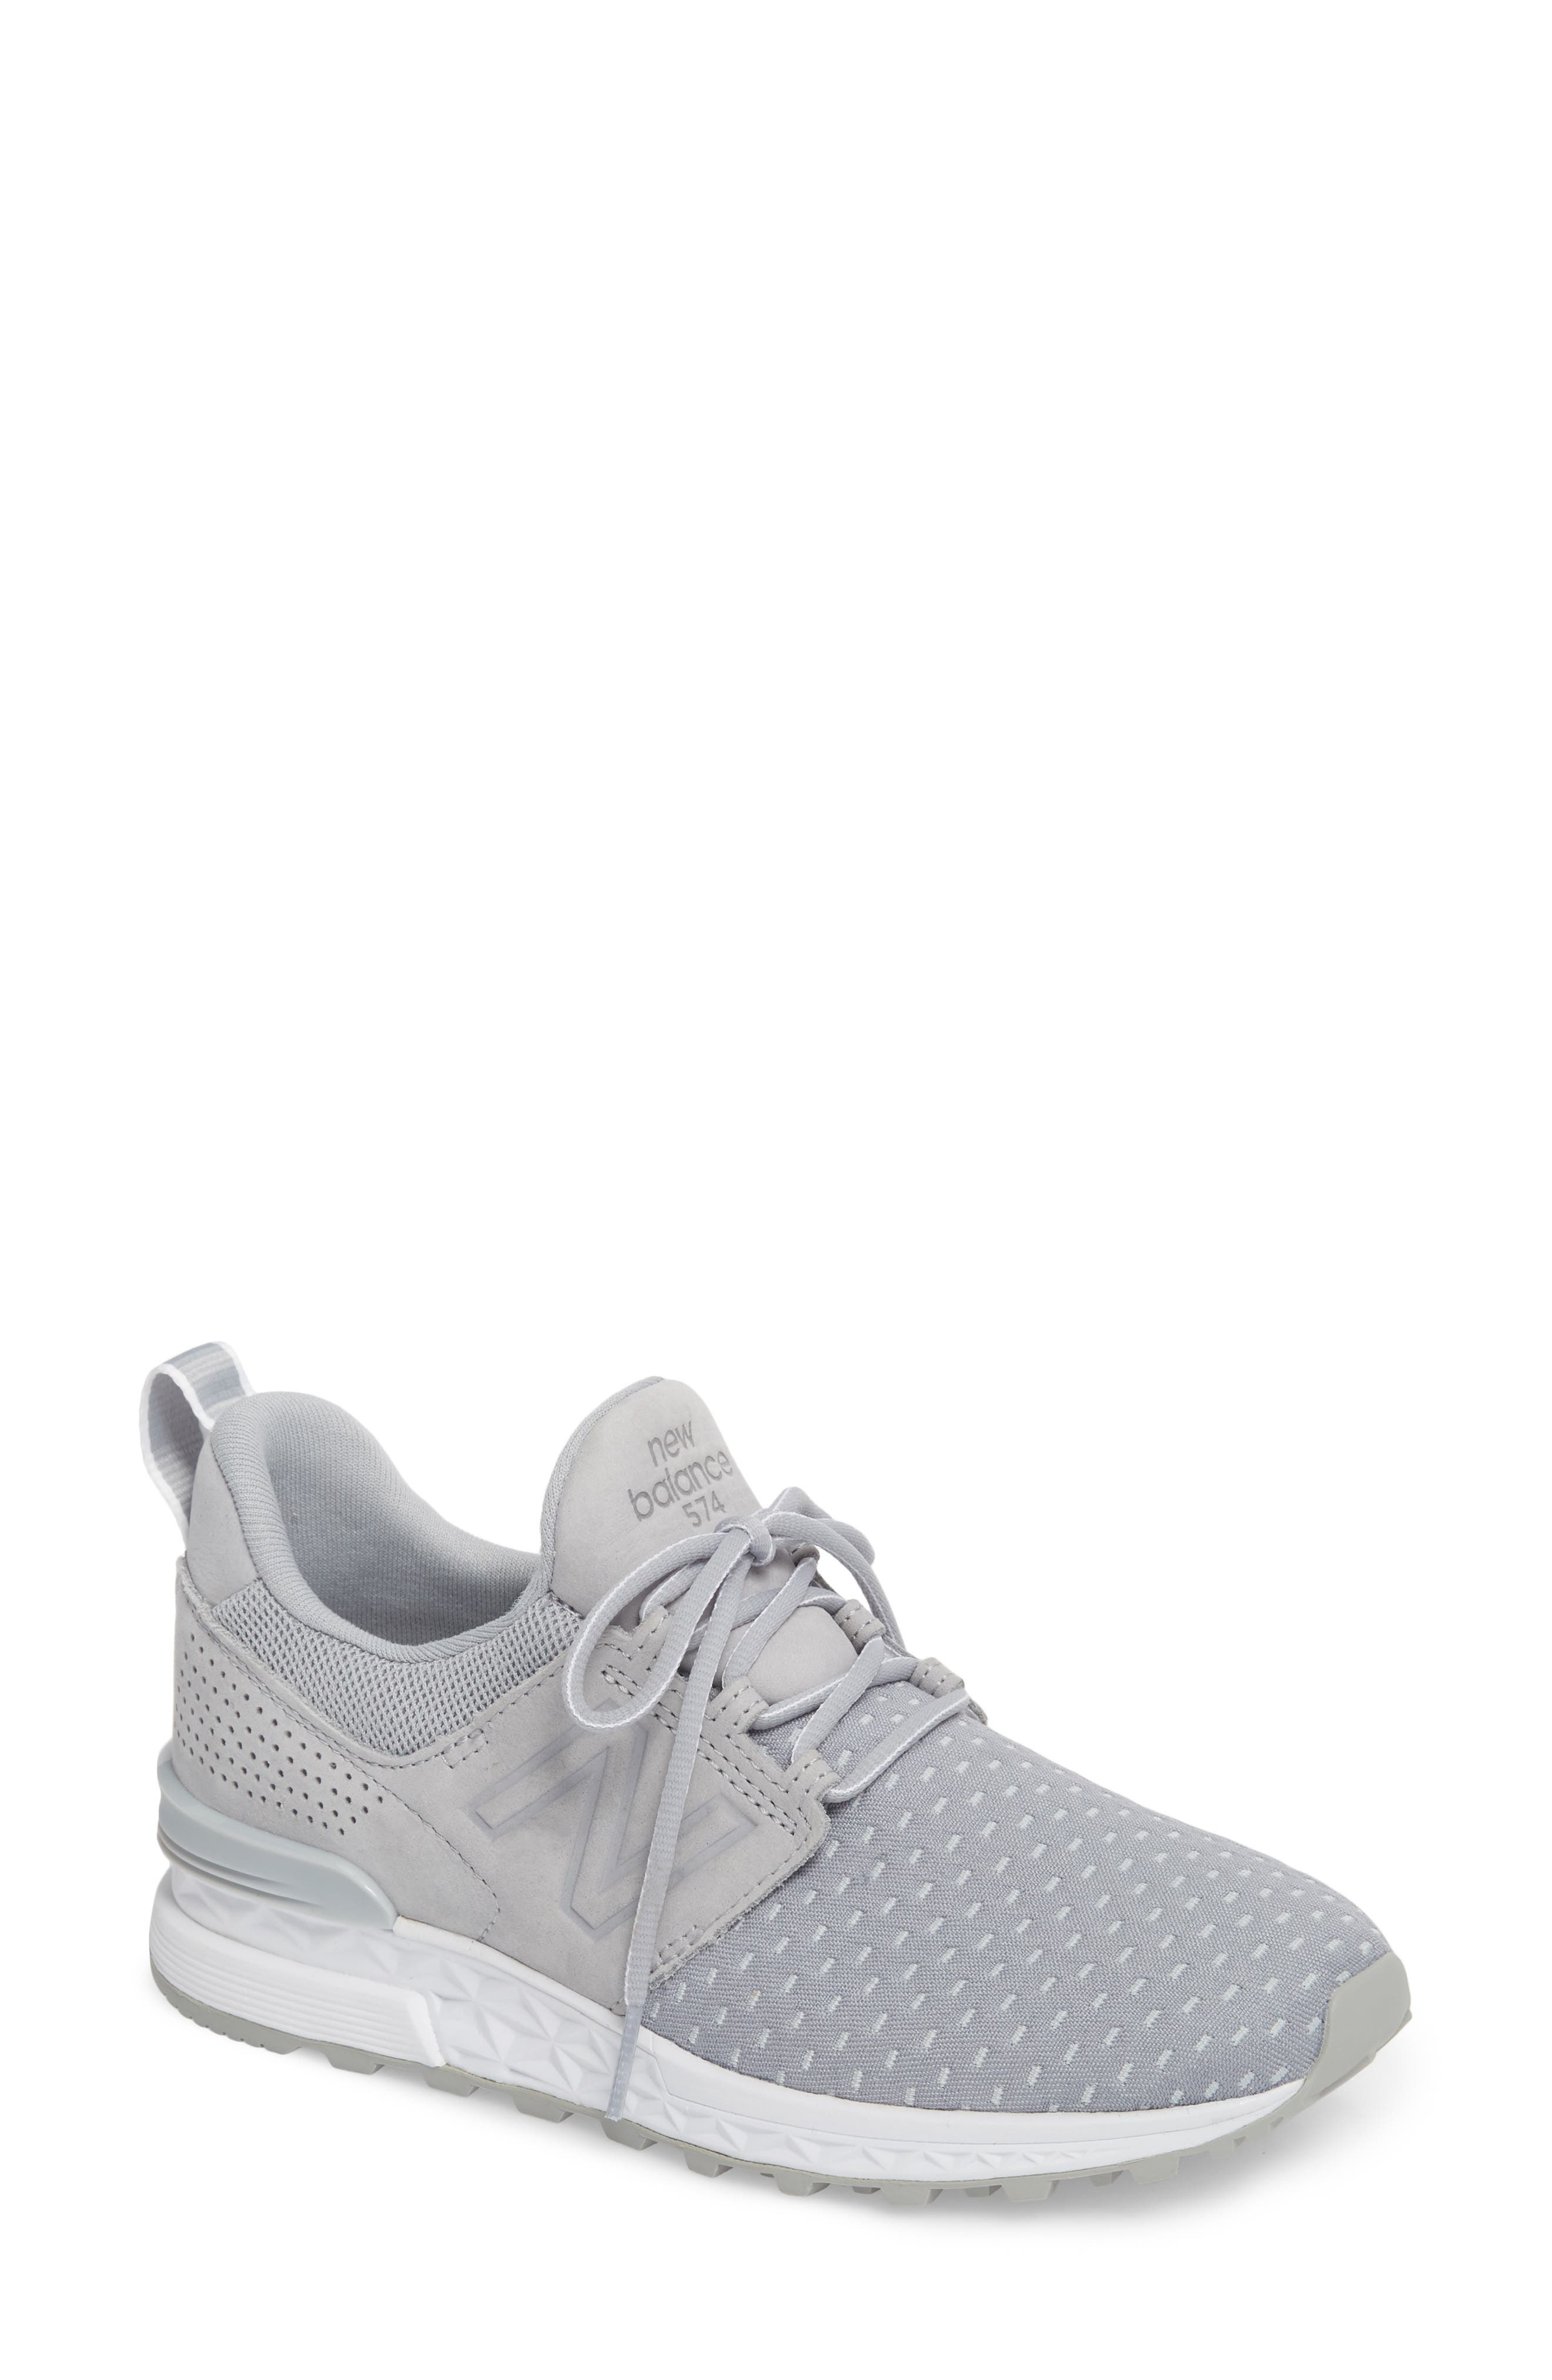 574 Sport Decon Fresh Foam Sneaker,                         Main,                         color, 097